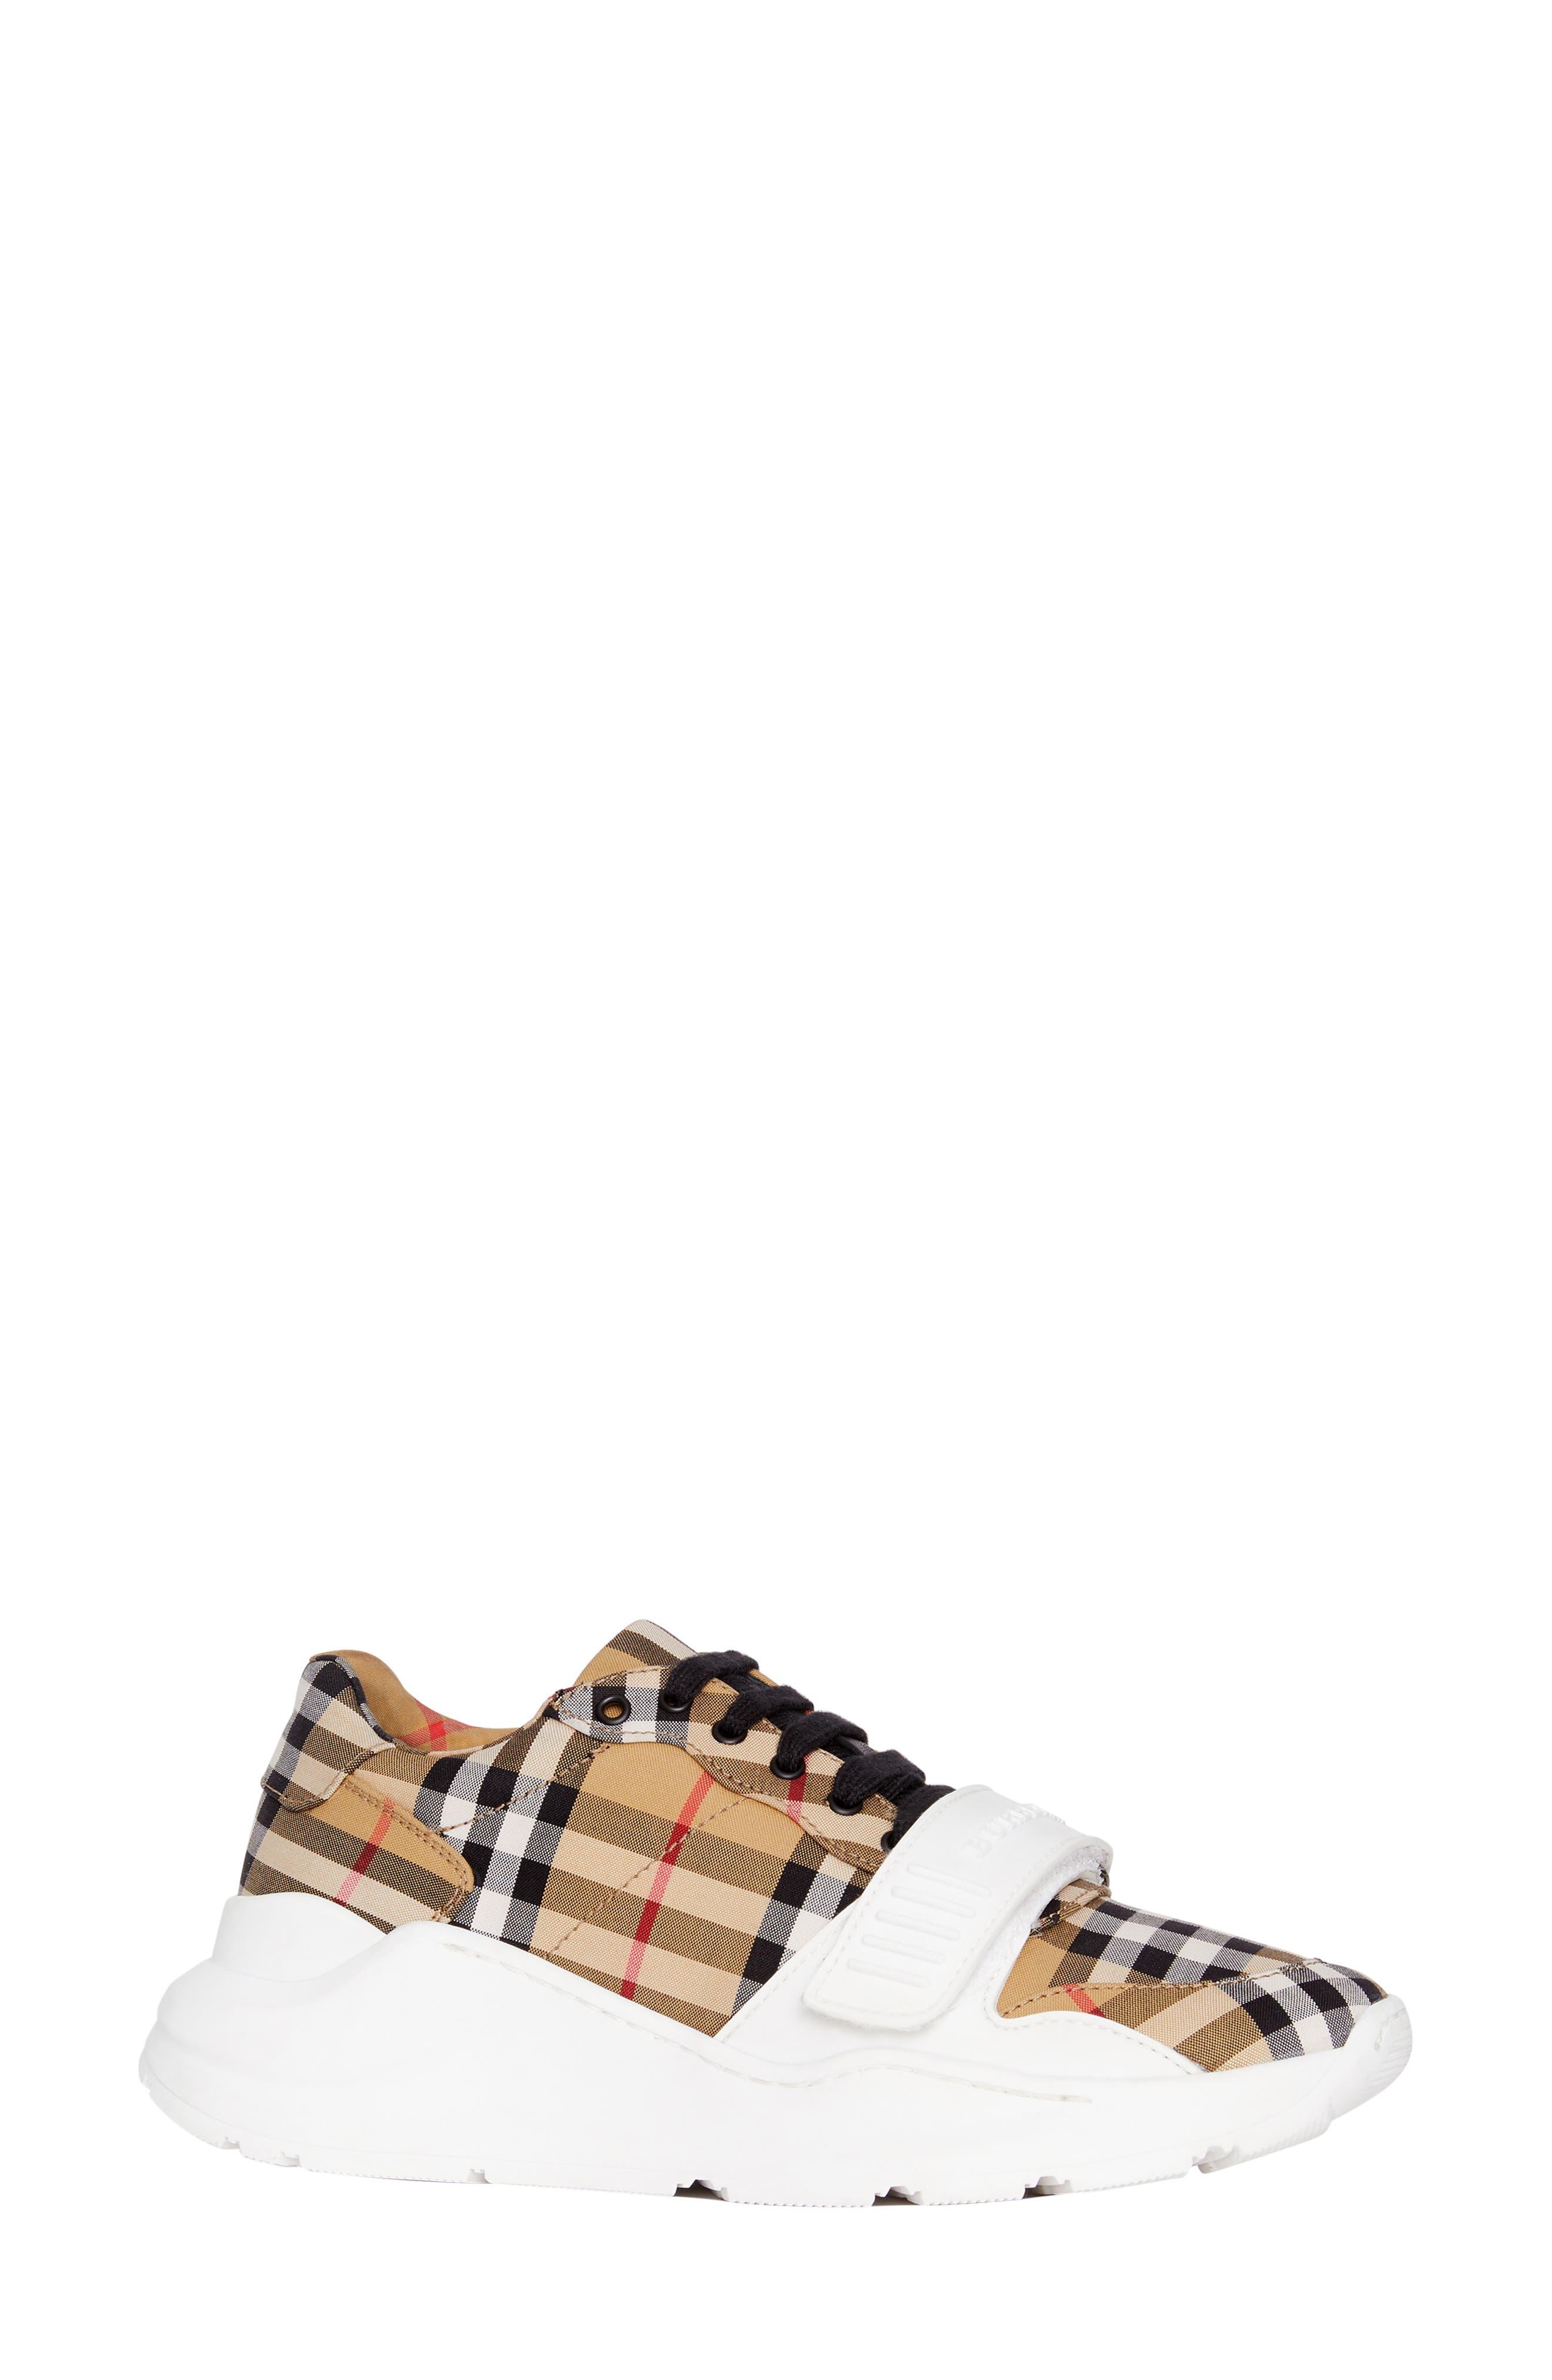 BURBERRY Regis Check Lace-Up Sneaker, Main, color, BEIGE PLAID